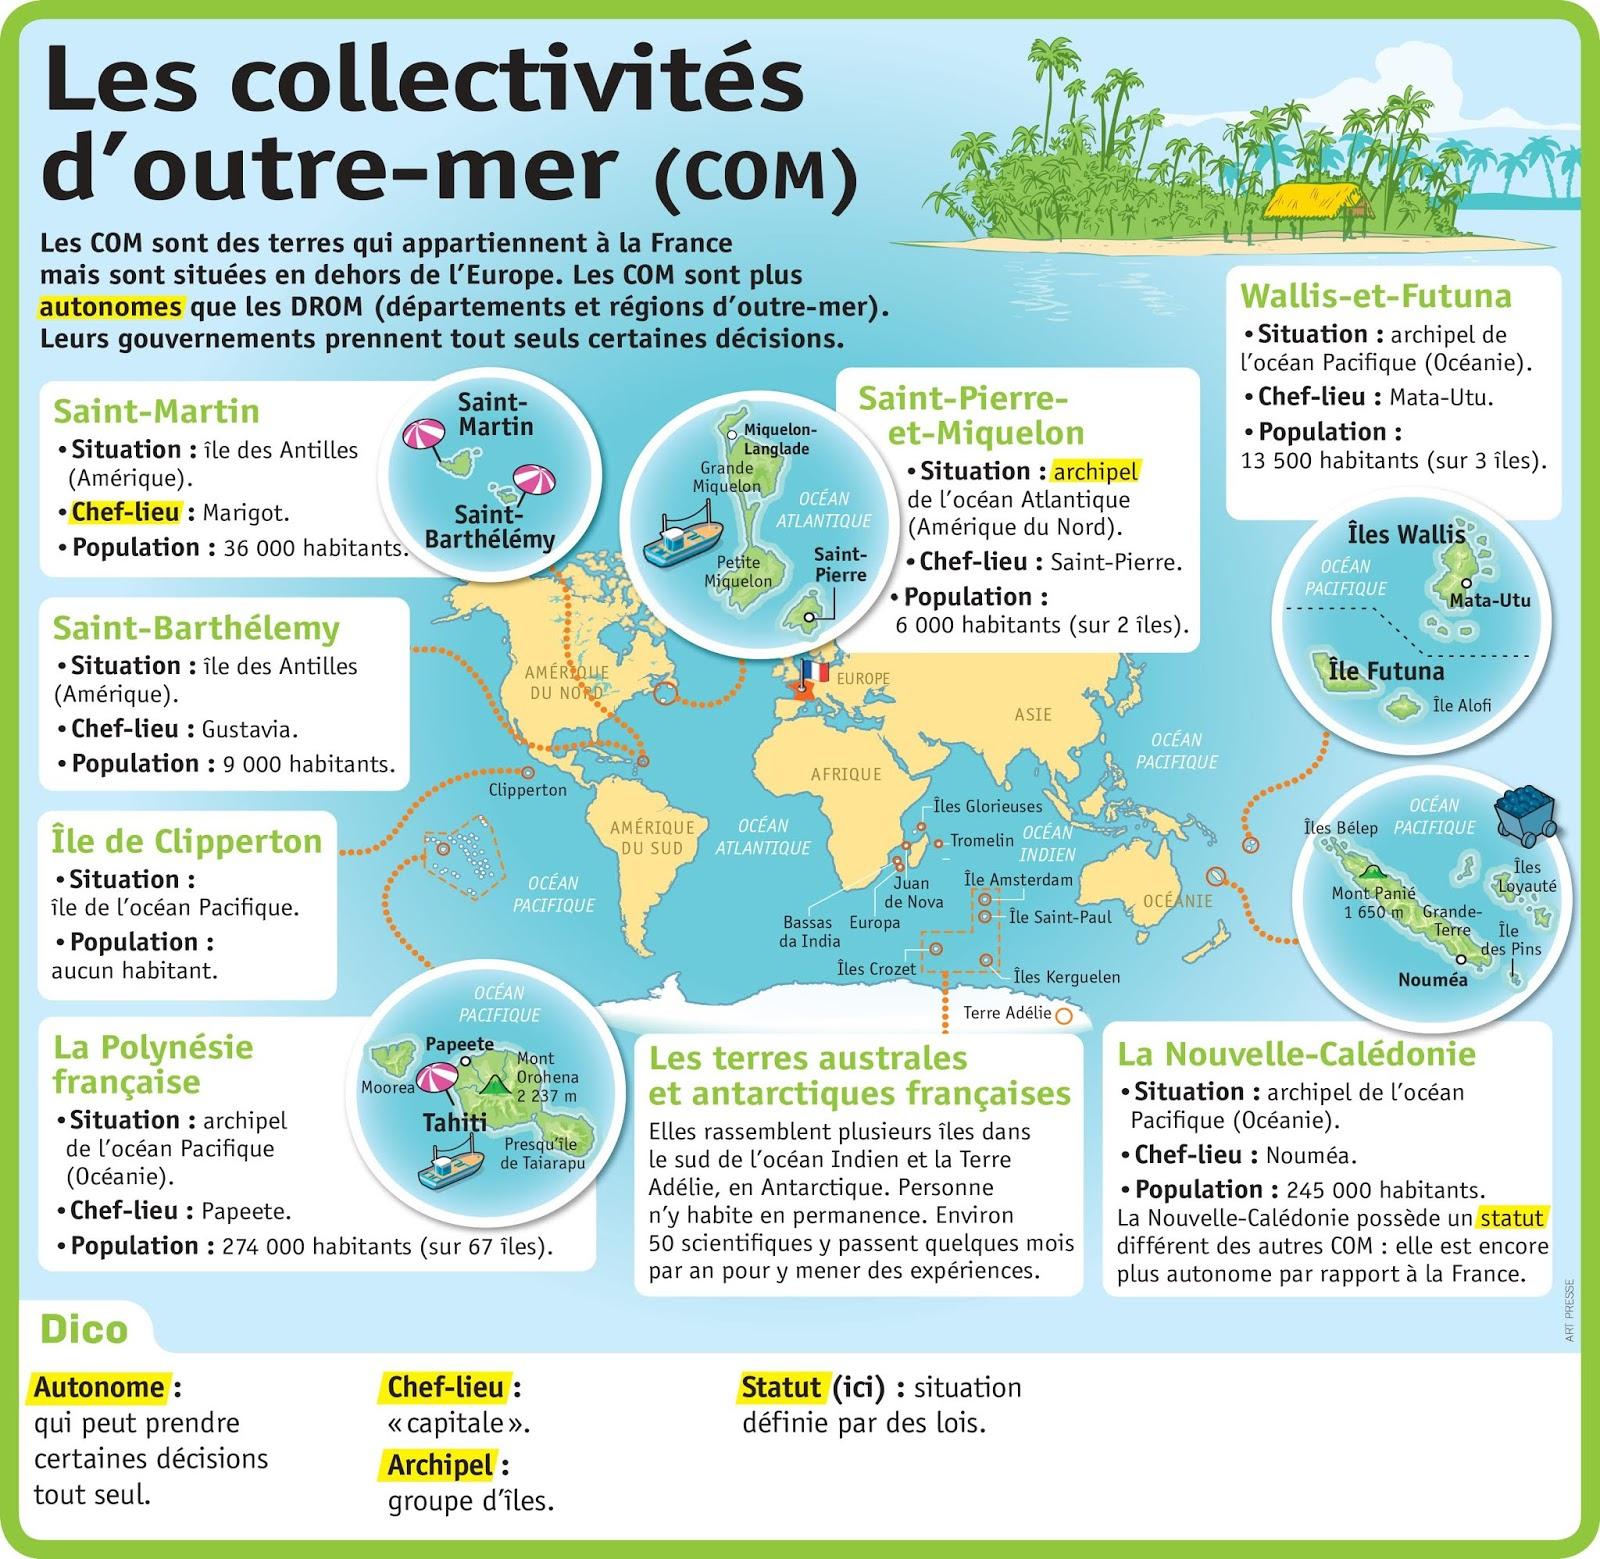 Tics En Fle: Découverte Des Outre-Mer Français serapportantà Carte France D Outre Mer